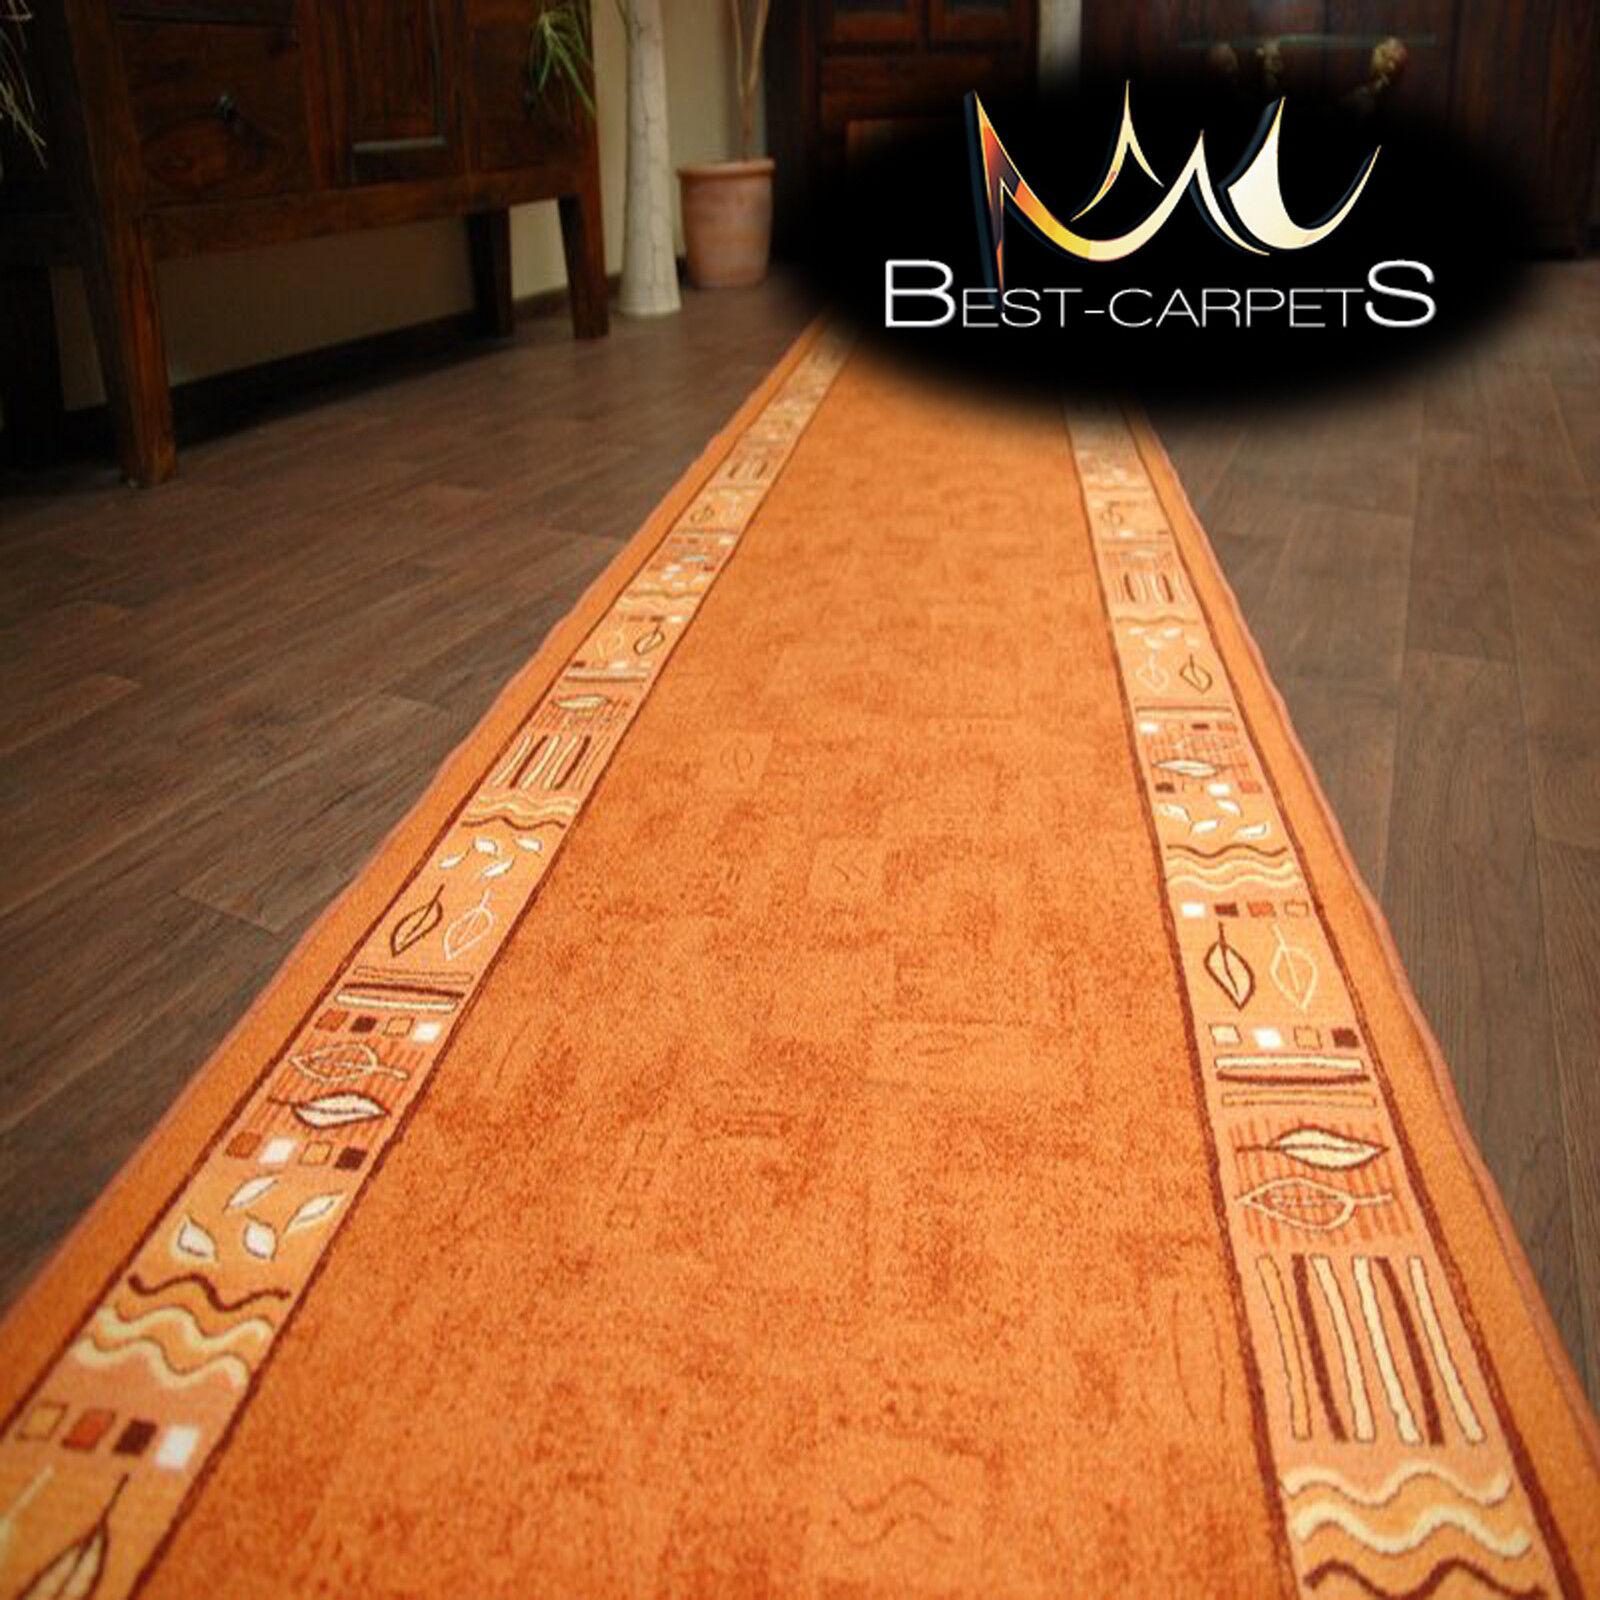 Coureur tapis, extra ramsès orange moderne, non-slip, escaliers largeur 67cm-120cm extra tapis, long b39c06